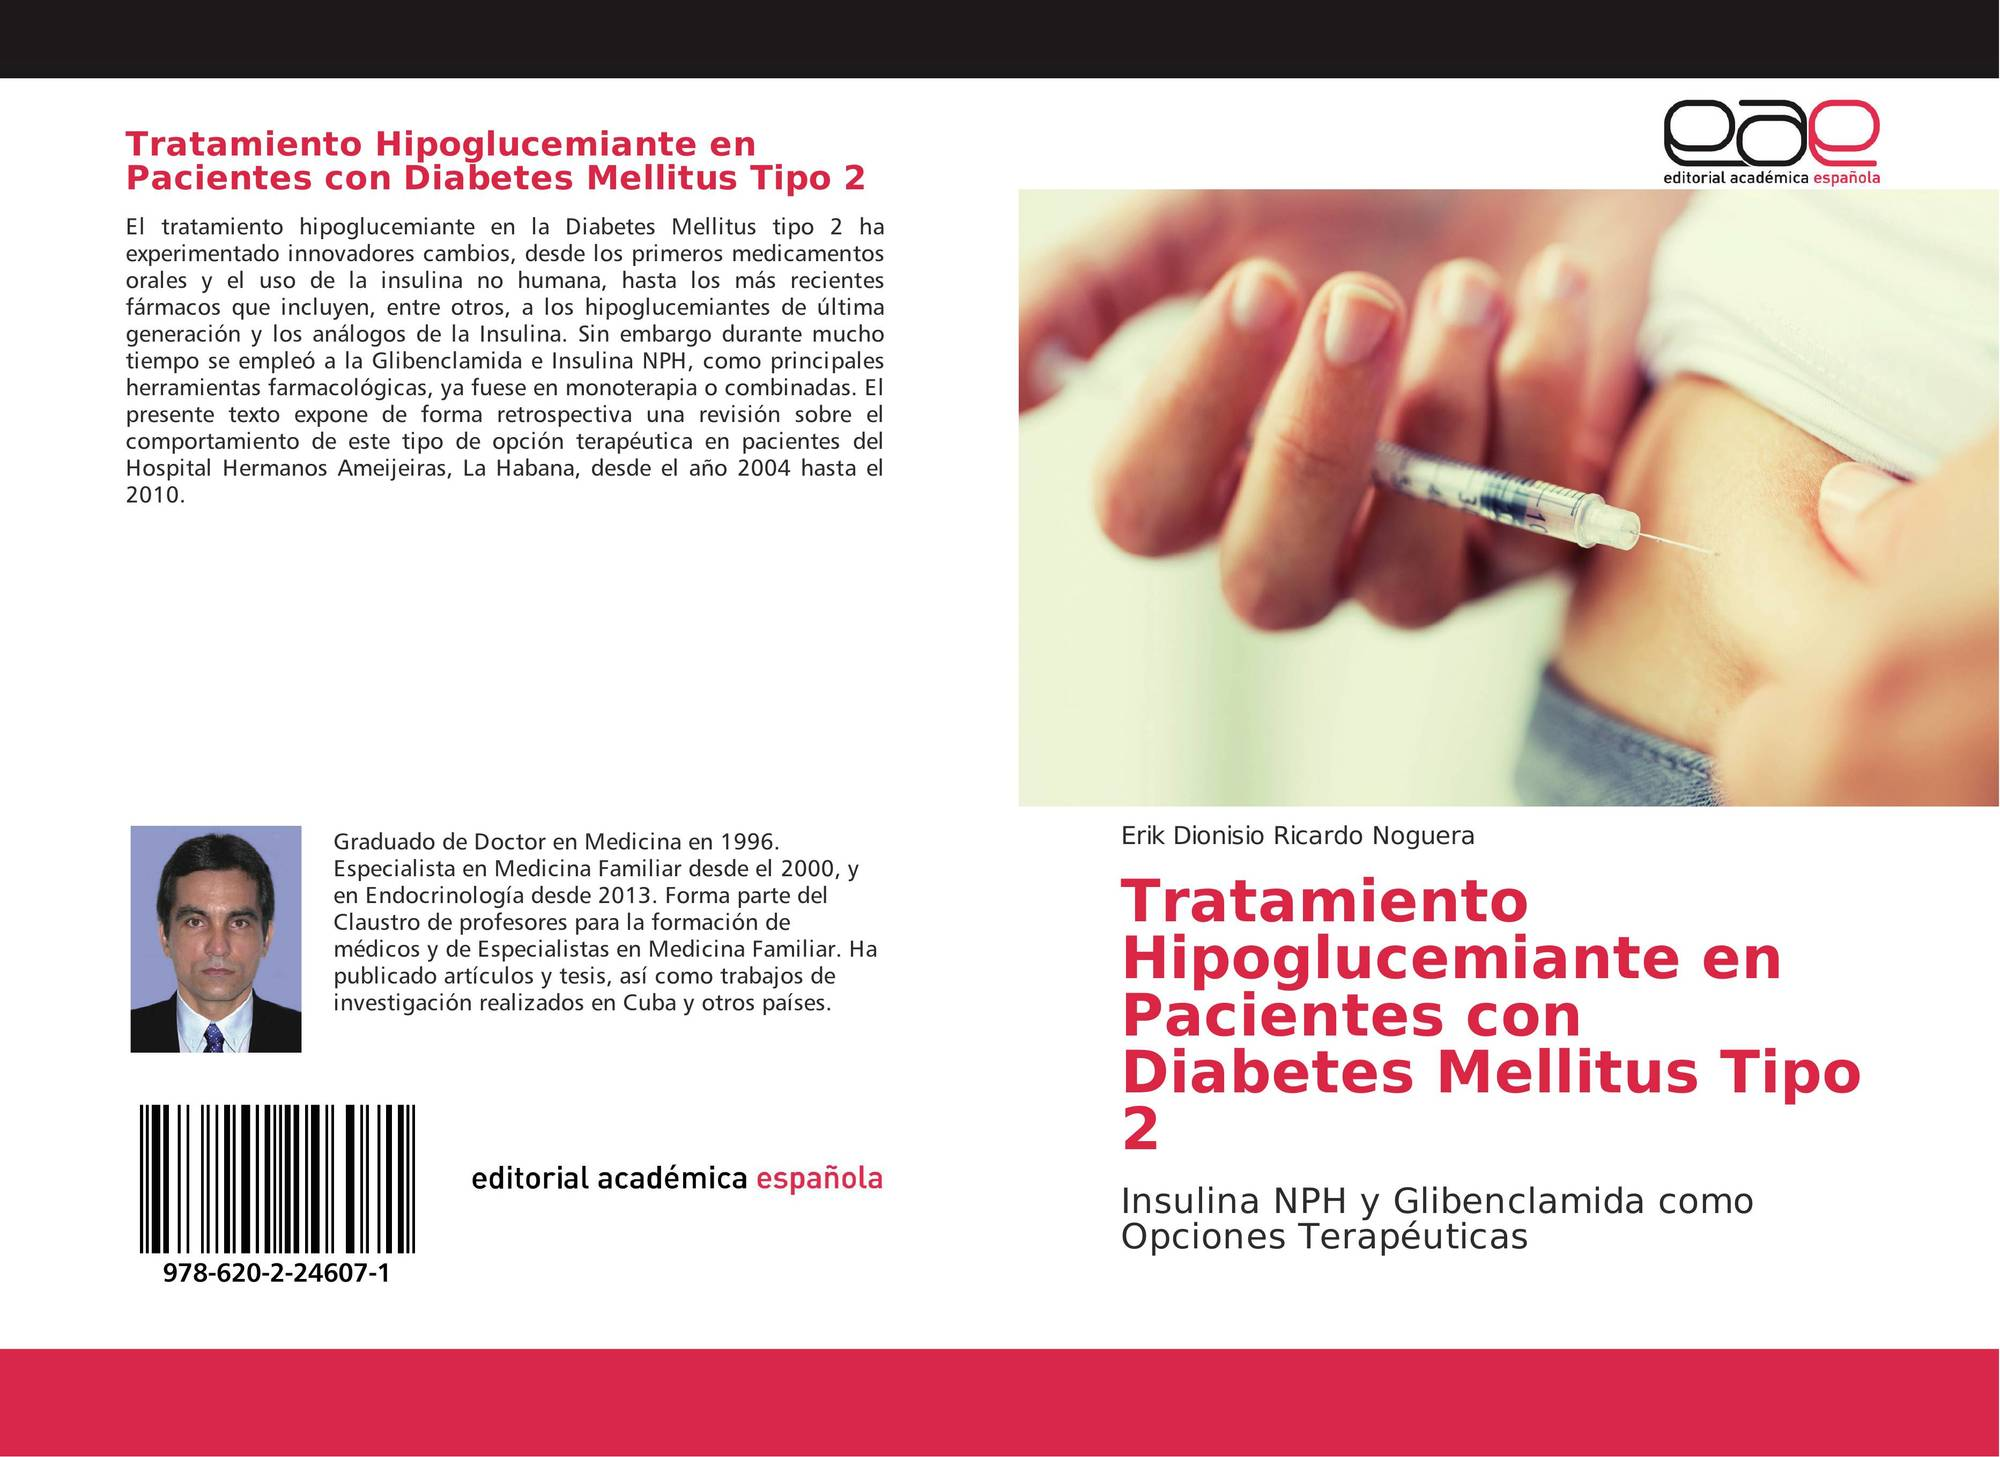 fisiopatología de pacientes con diabetes tipo 2